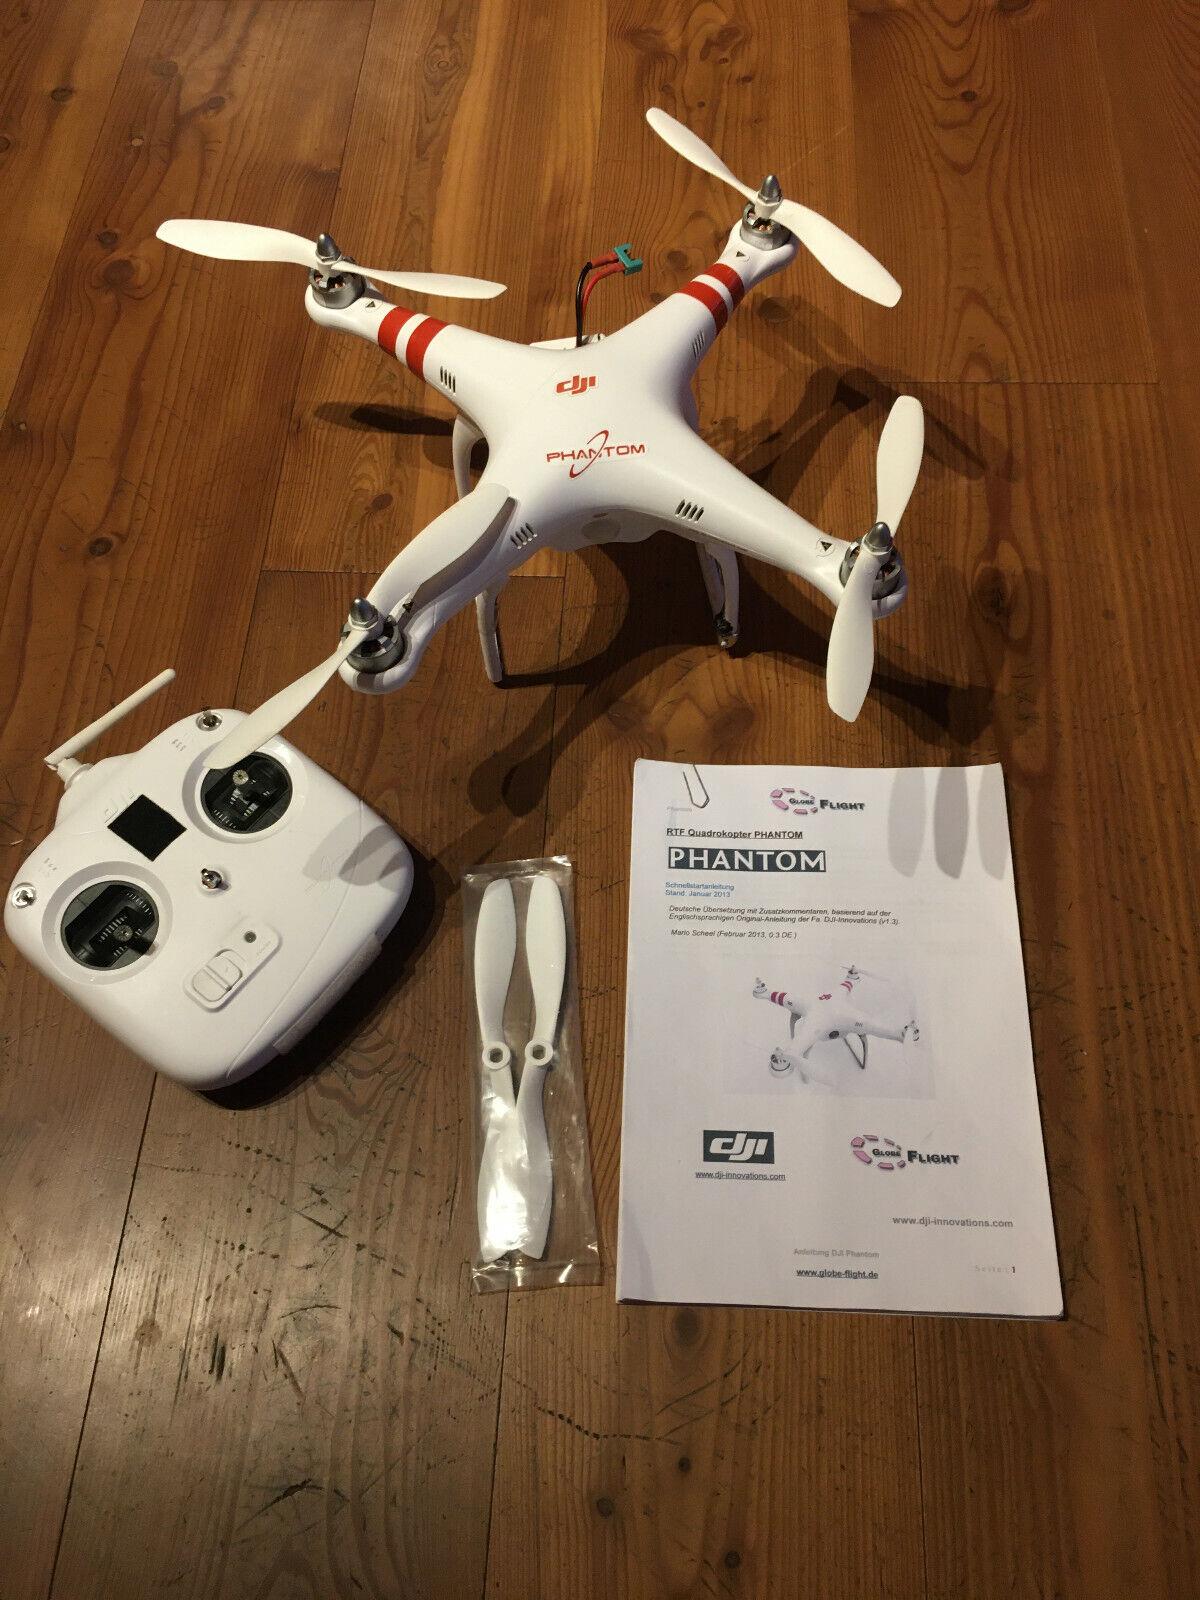 Dji Phantom Drohne Quadrocopter